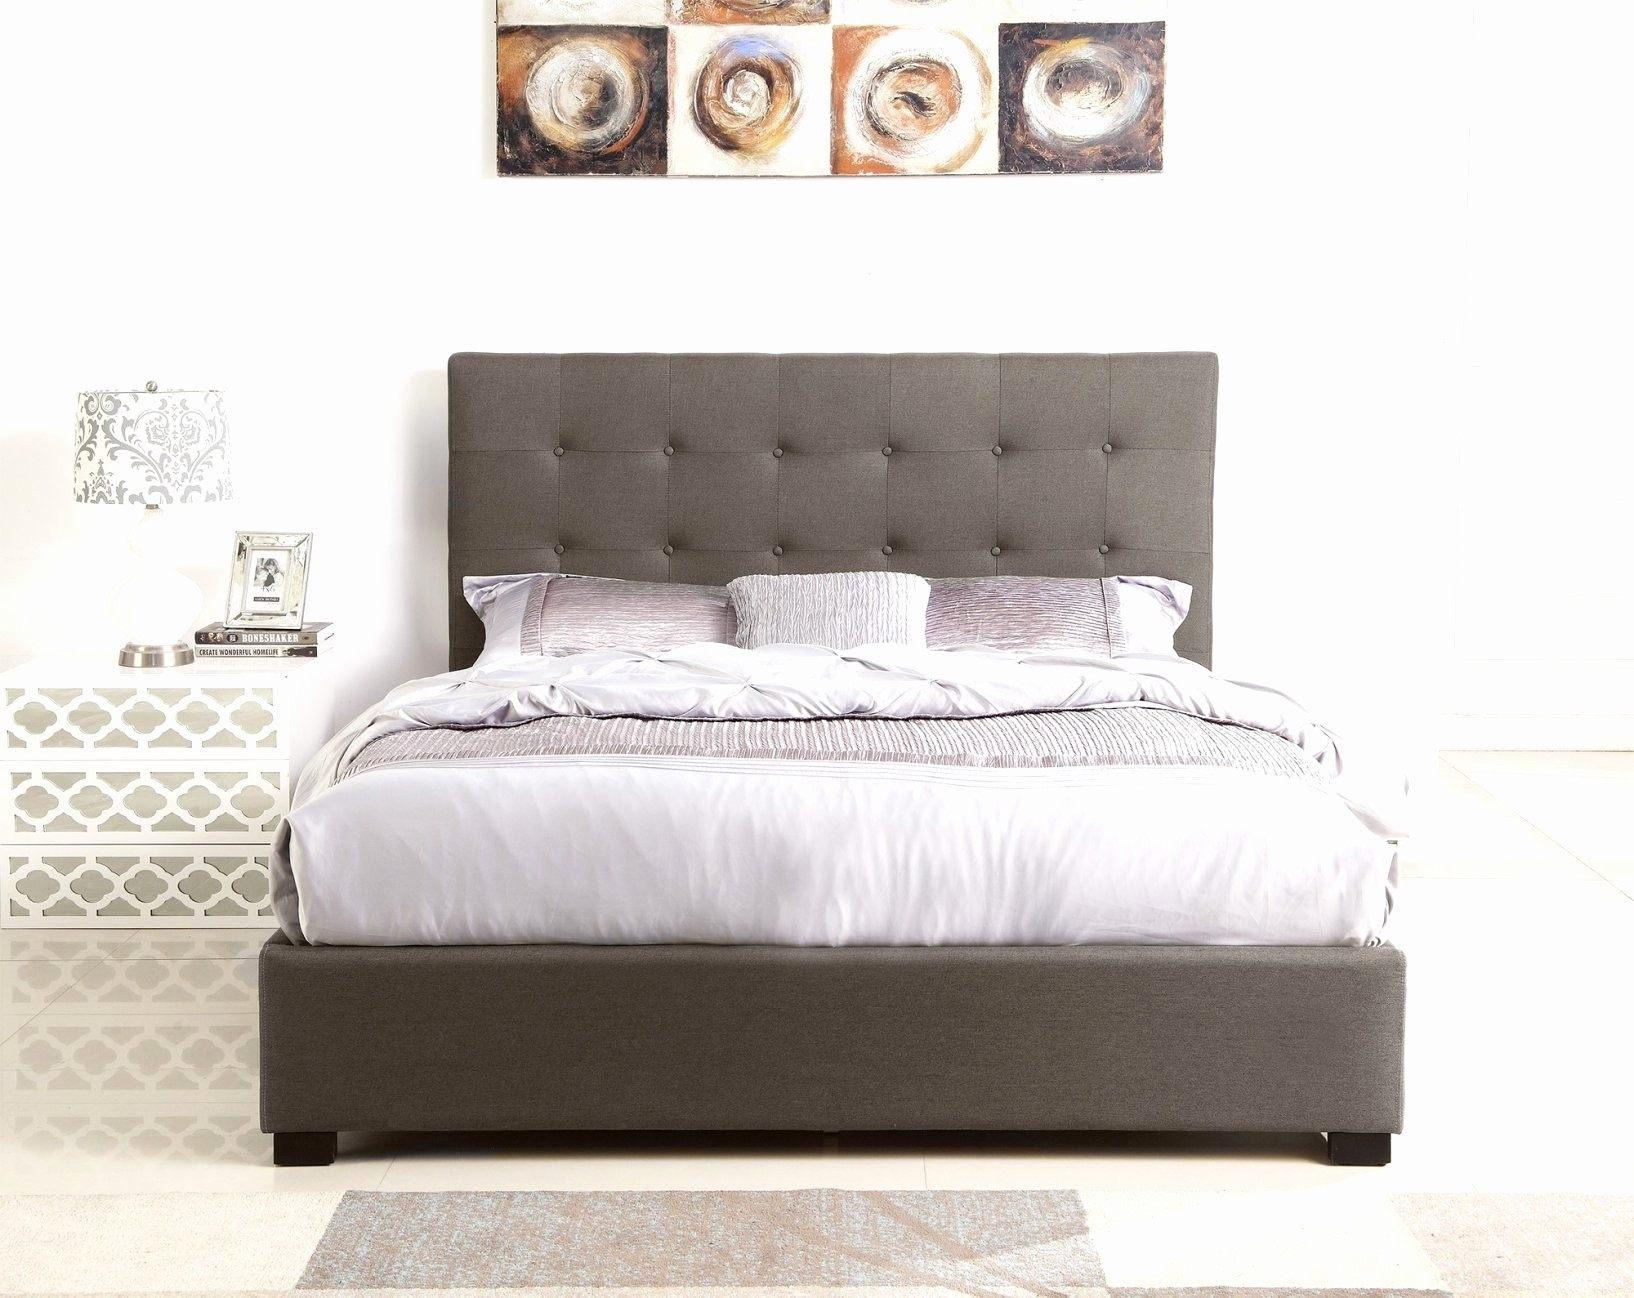 Lit Une Place Avec Rangement De Luxe sommier 2 Places Lit Avec Rangement Meilleur De sommier Ikea 140—190